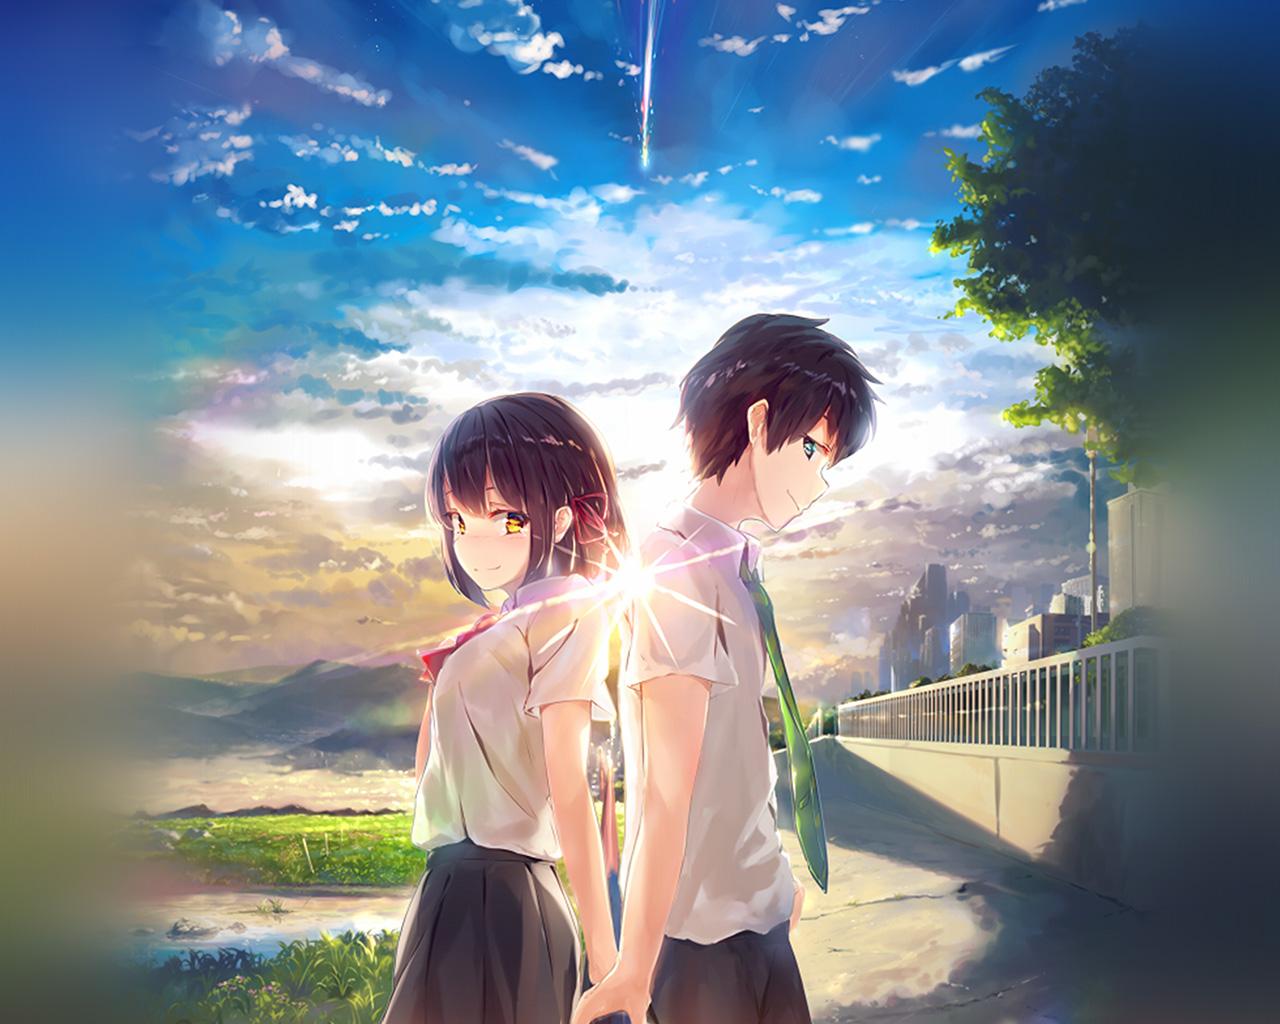 Az03 Anime Yourname Sky Illustration Art Wallpaper